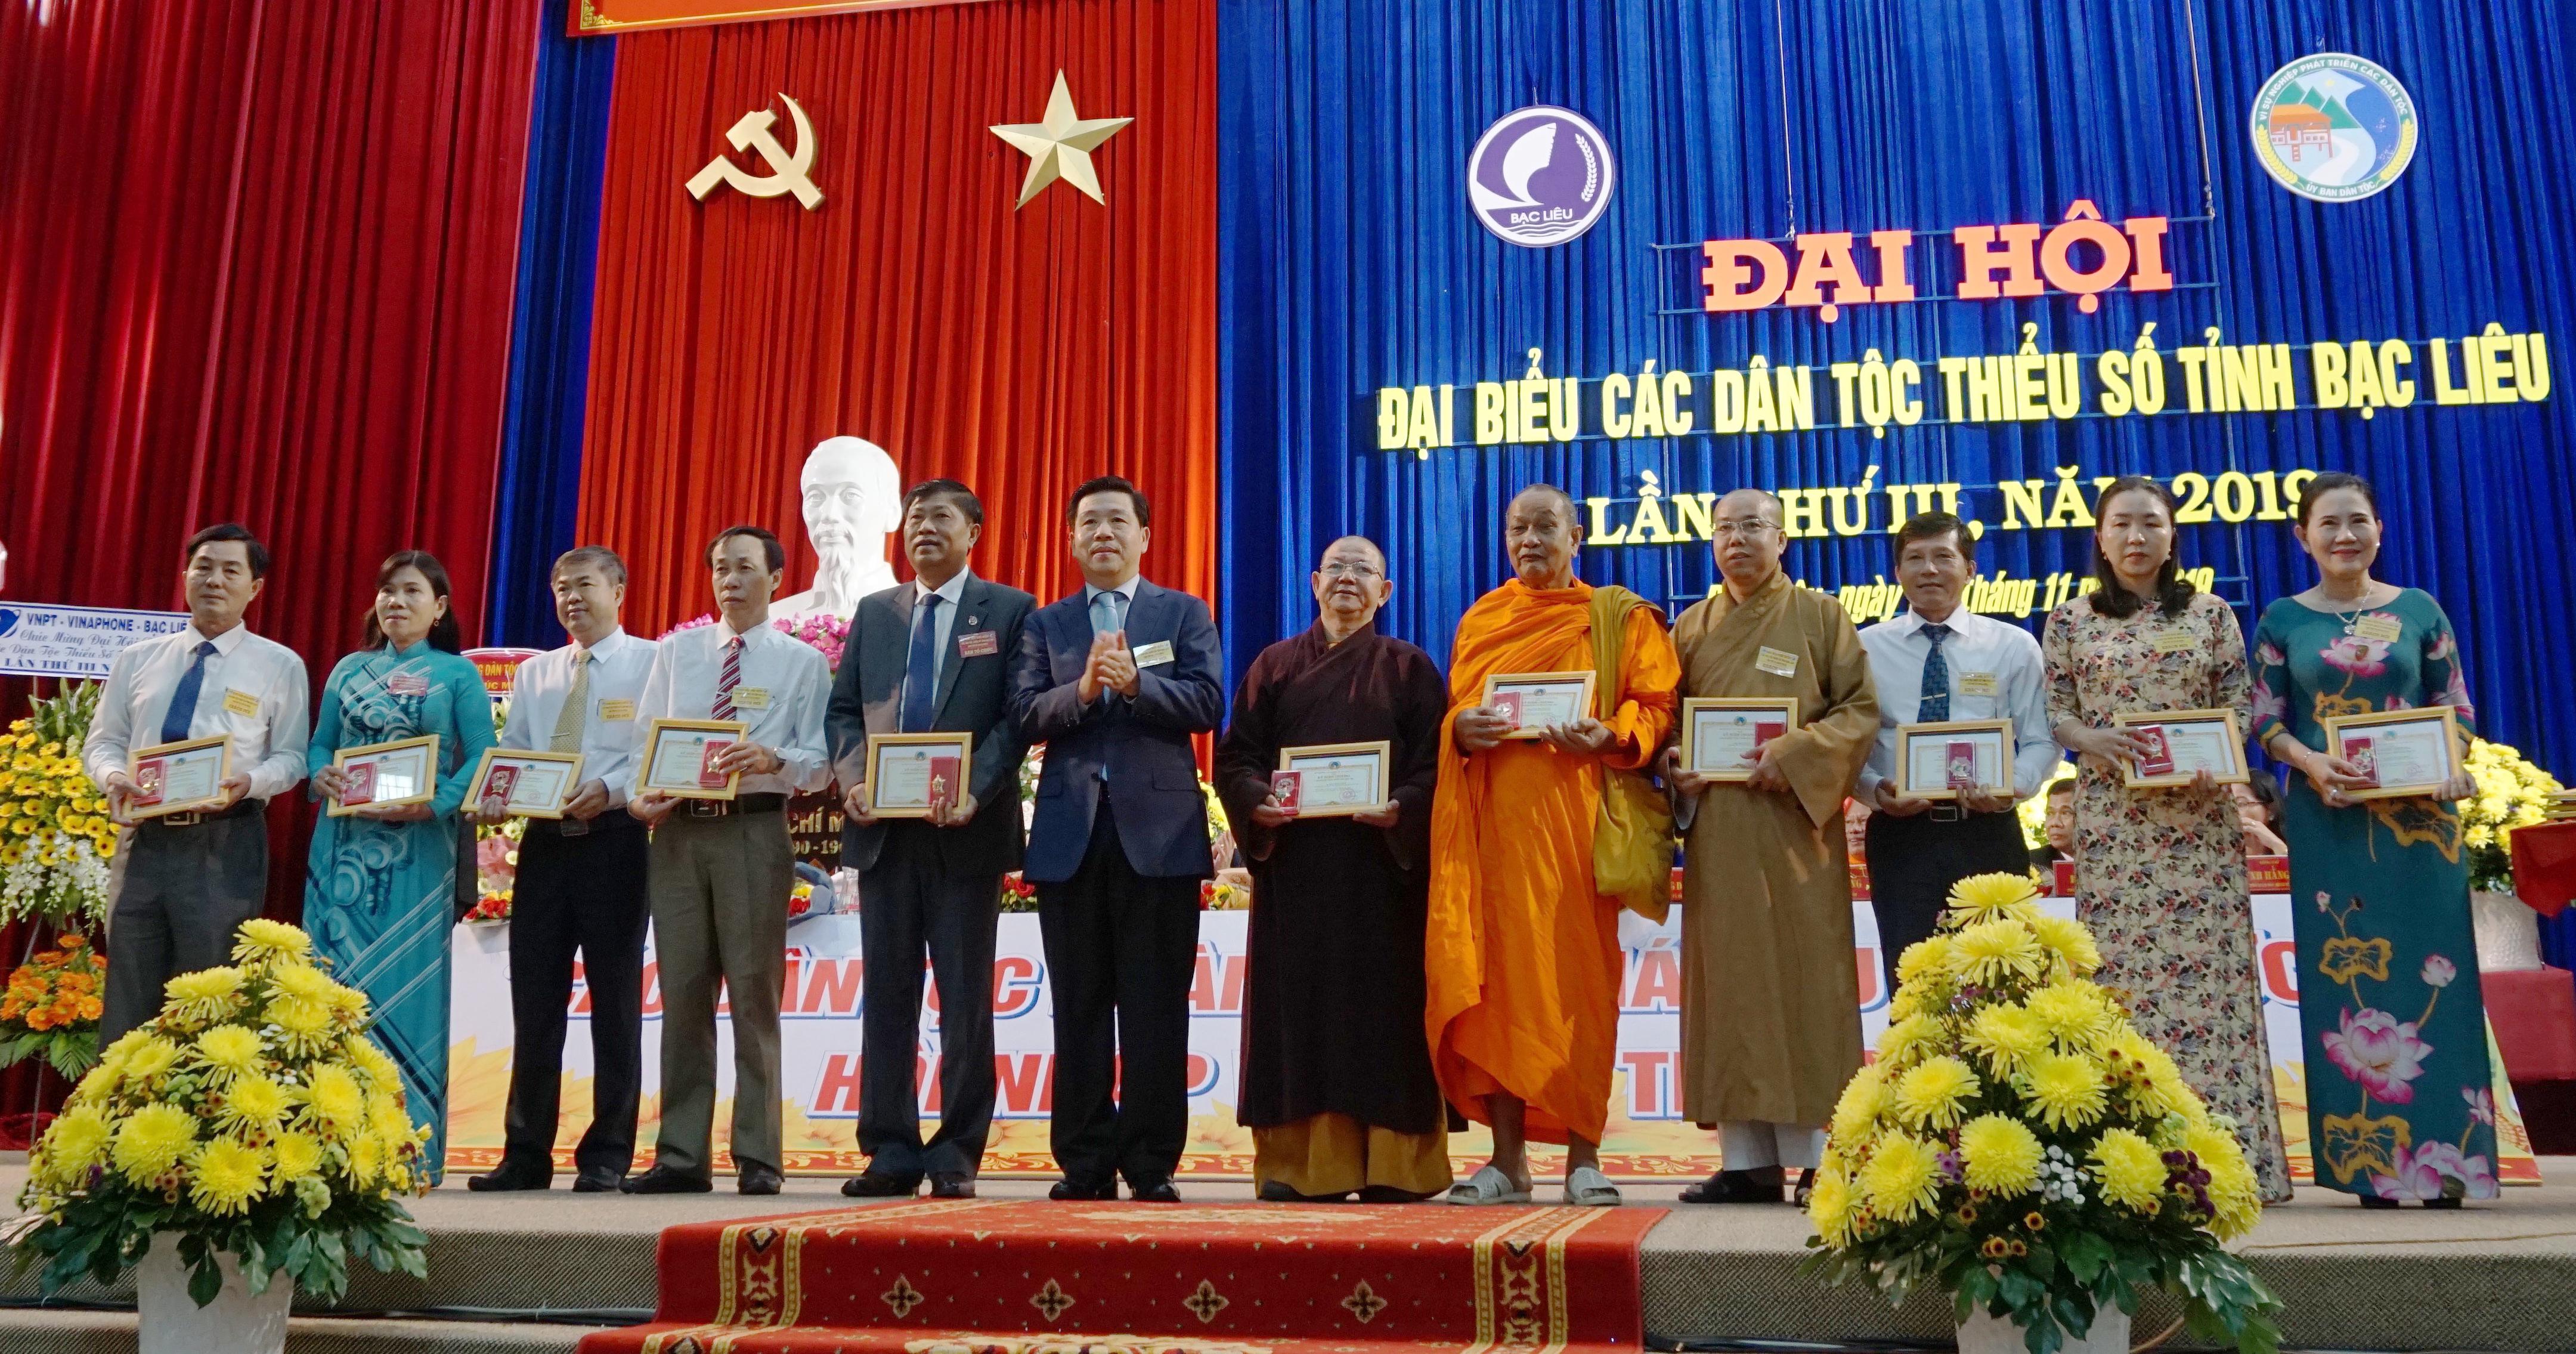 Thứ trưởng, Phó Chủ nhiệm UBDT Lê Sơn Hải trao Kỷ niệm chương đến các cá nhân